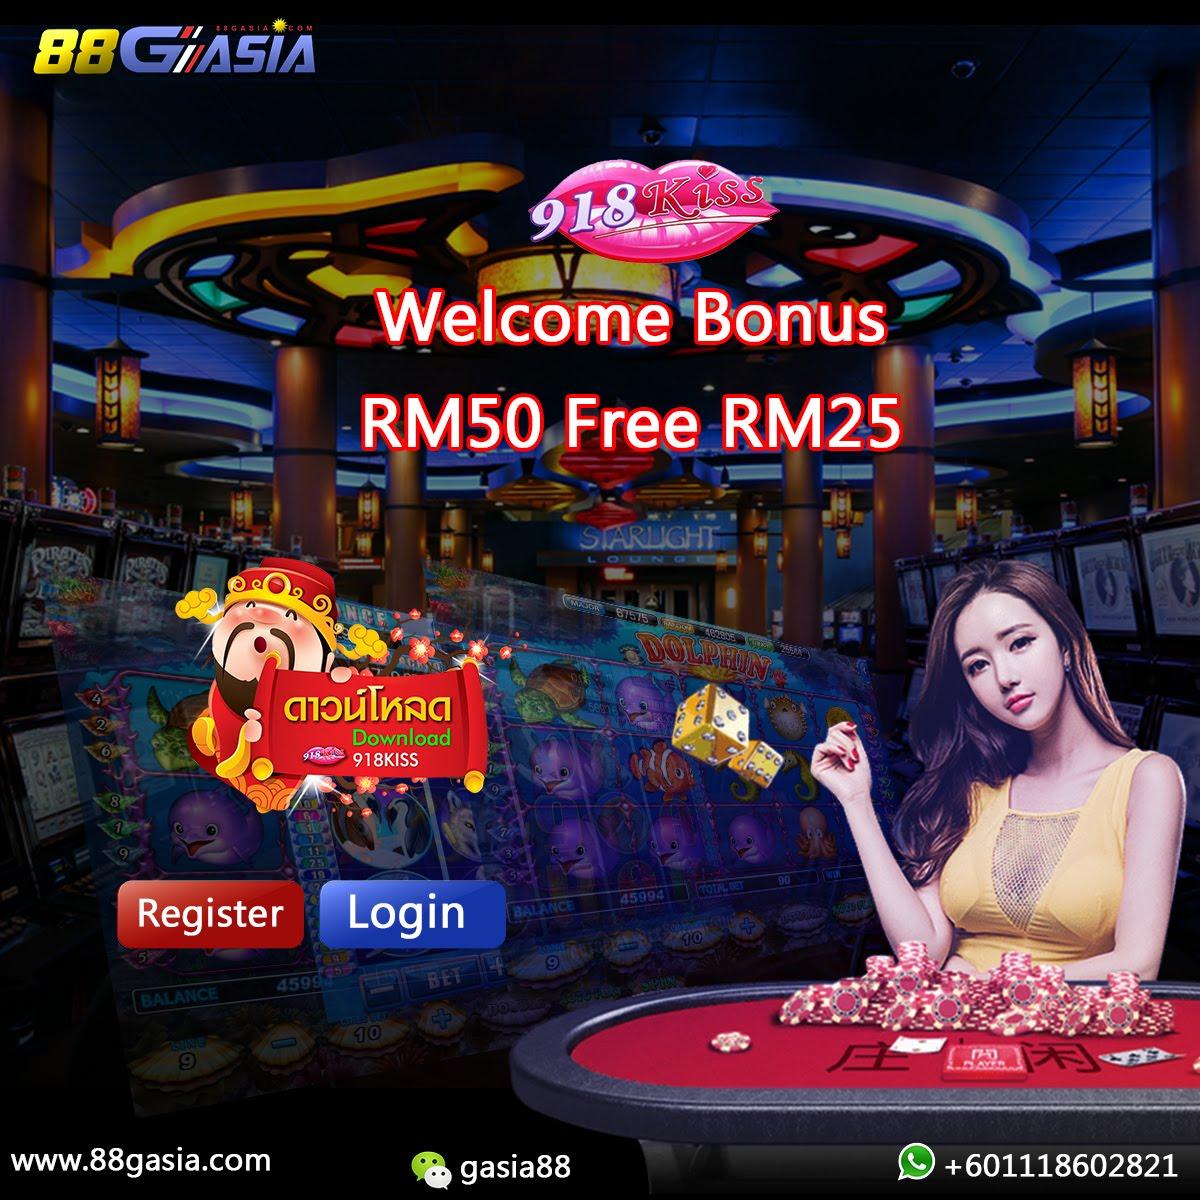 alle casino bonus ohne einzahlung